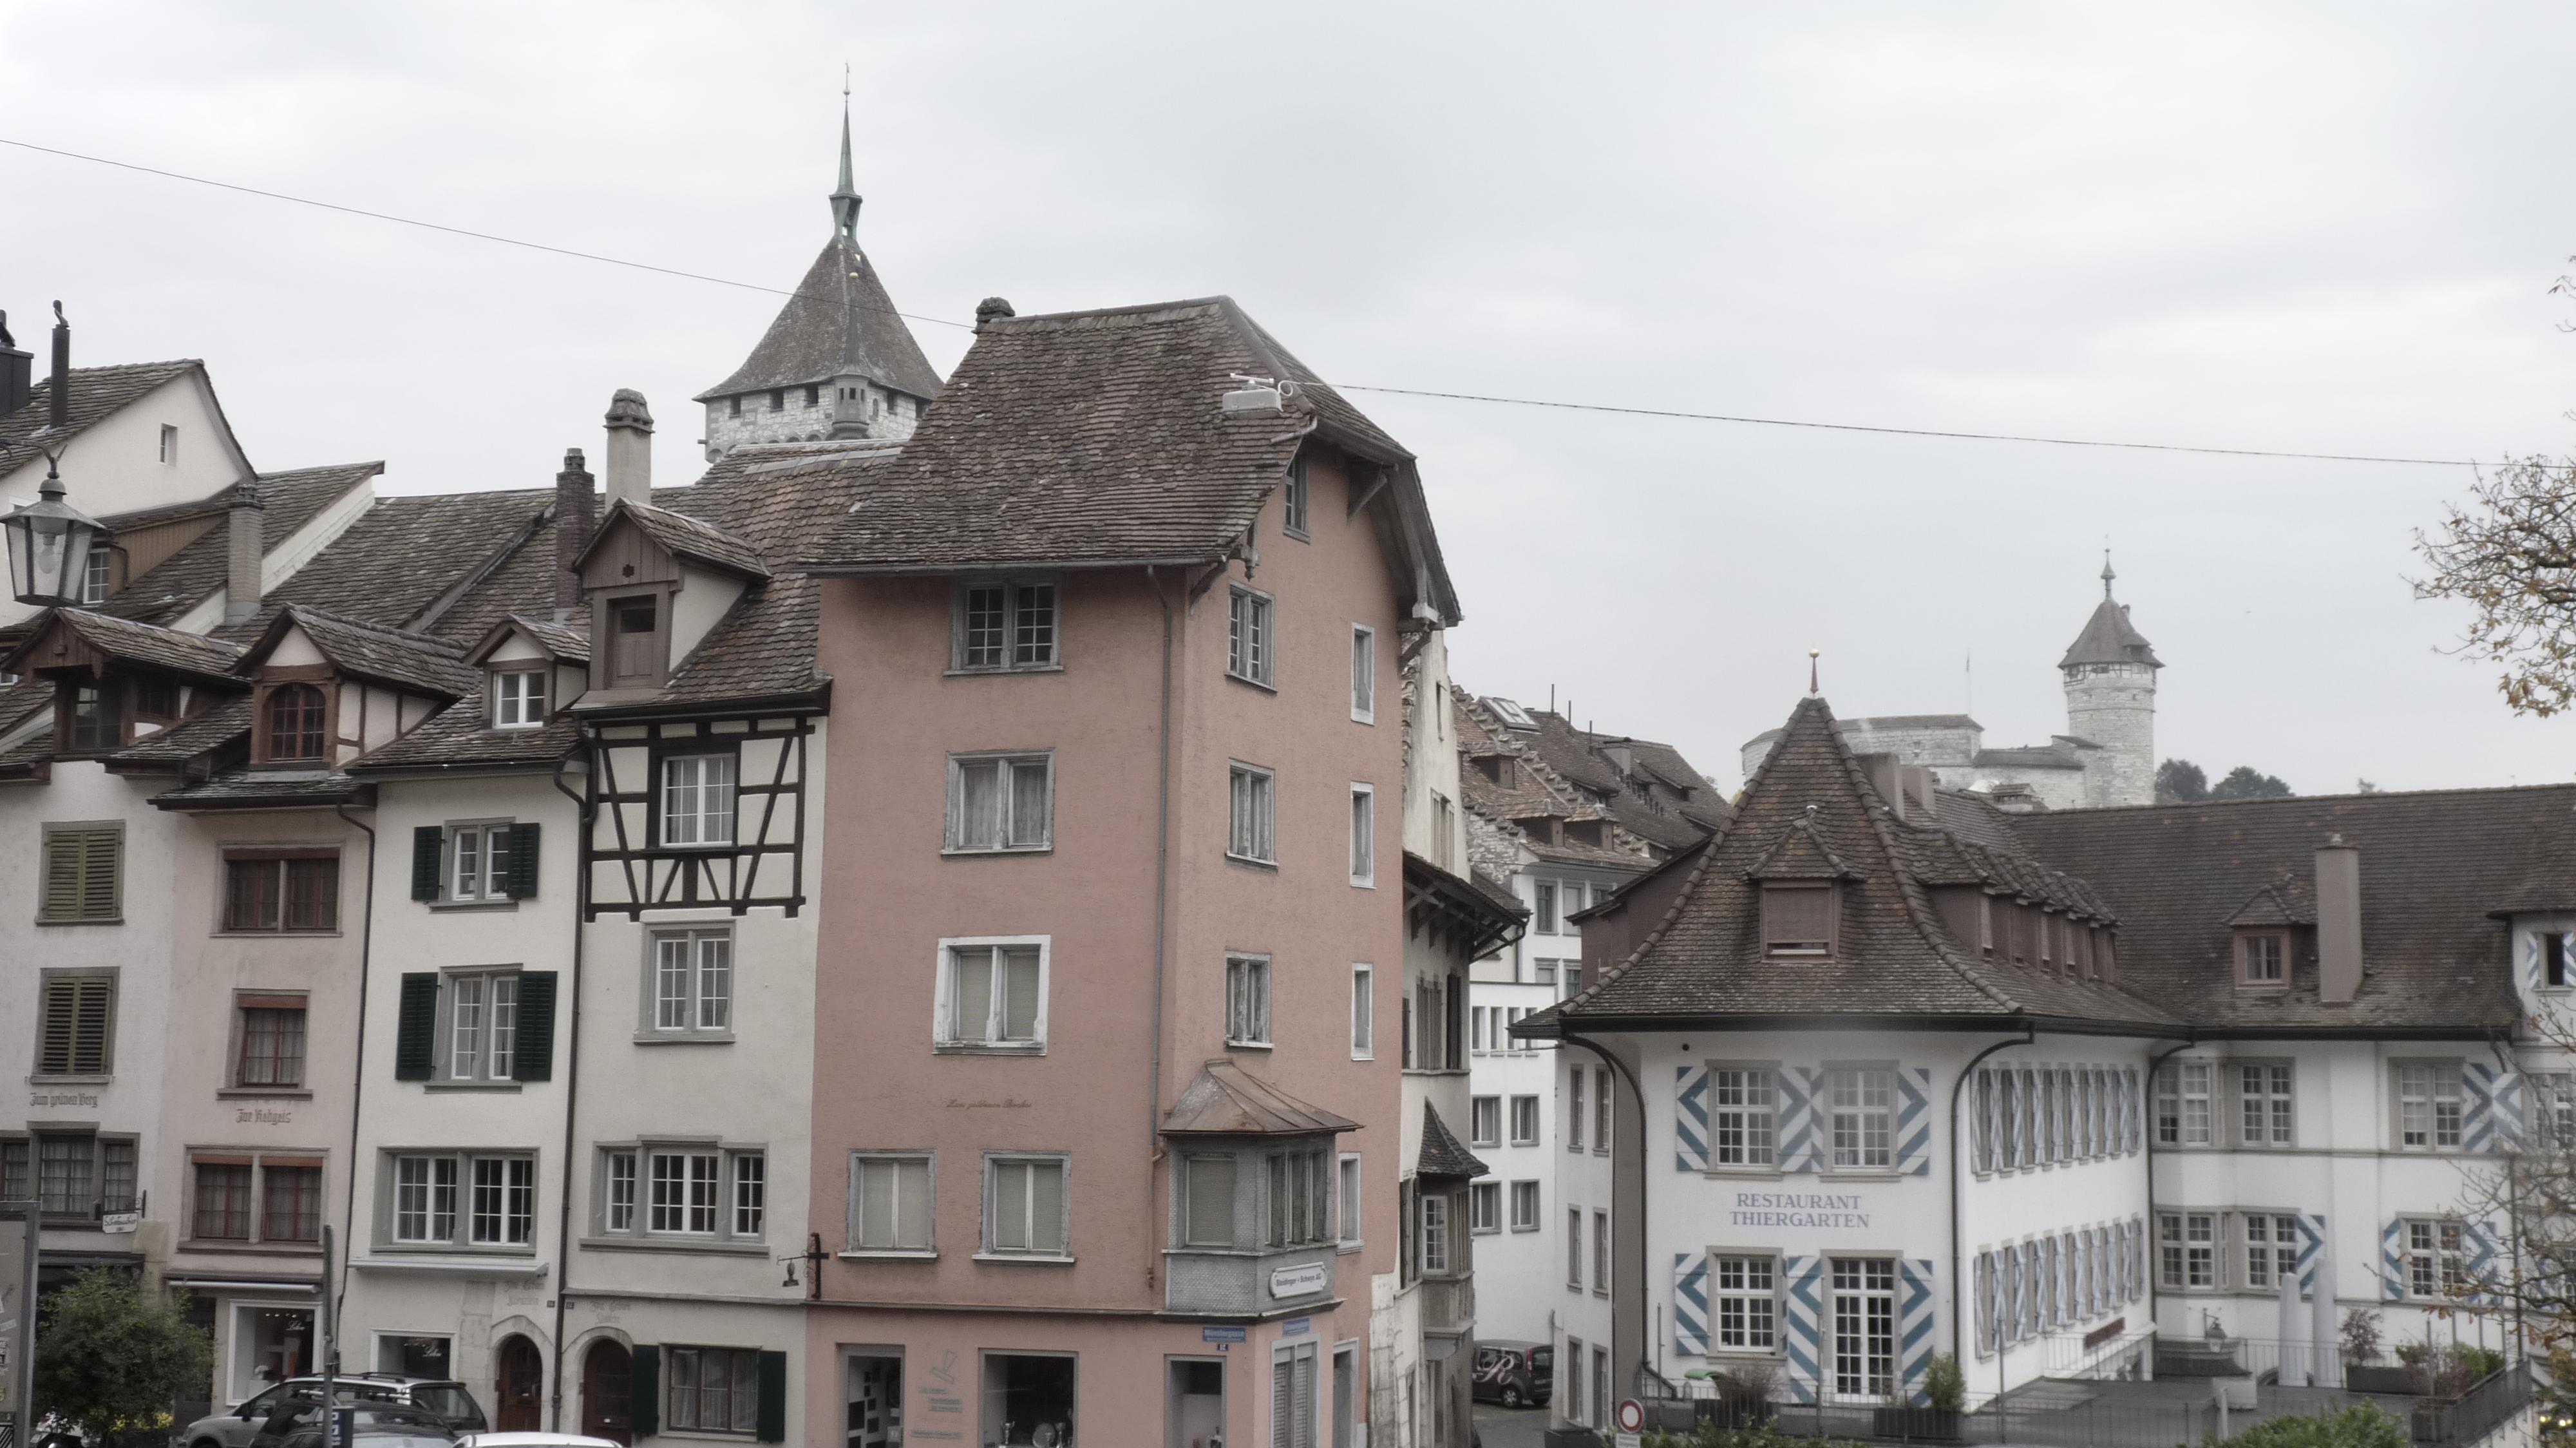 Schaffhausen's old medieval city